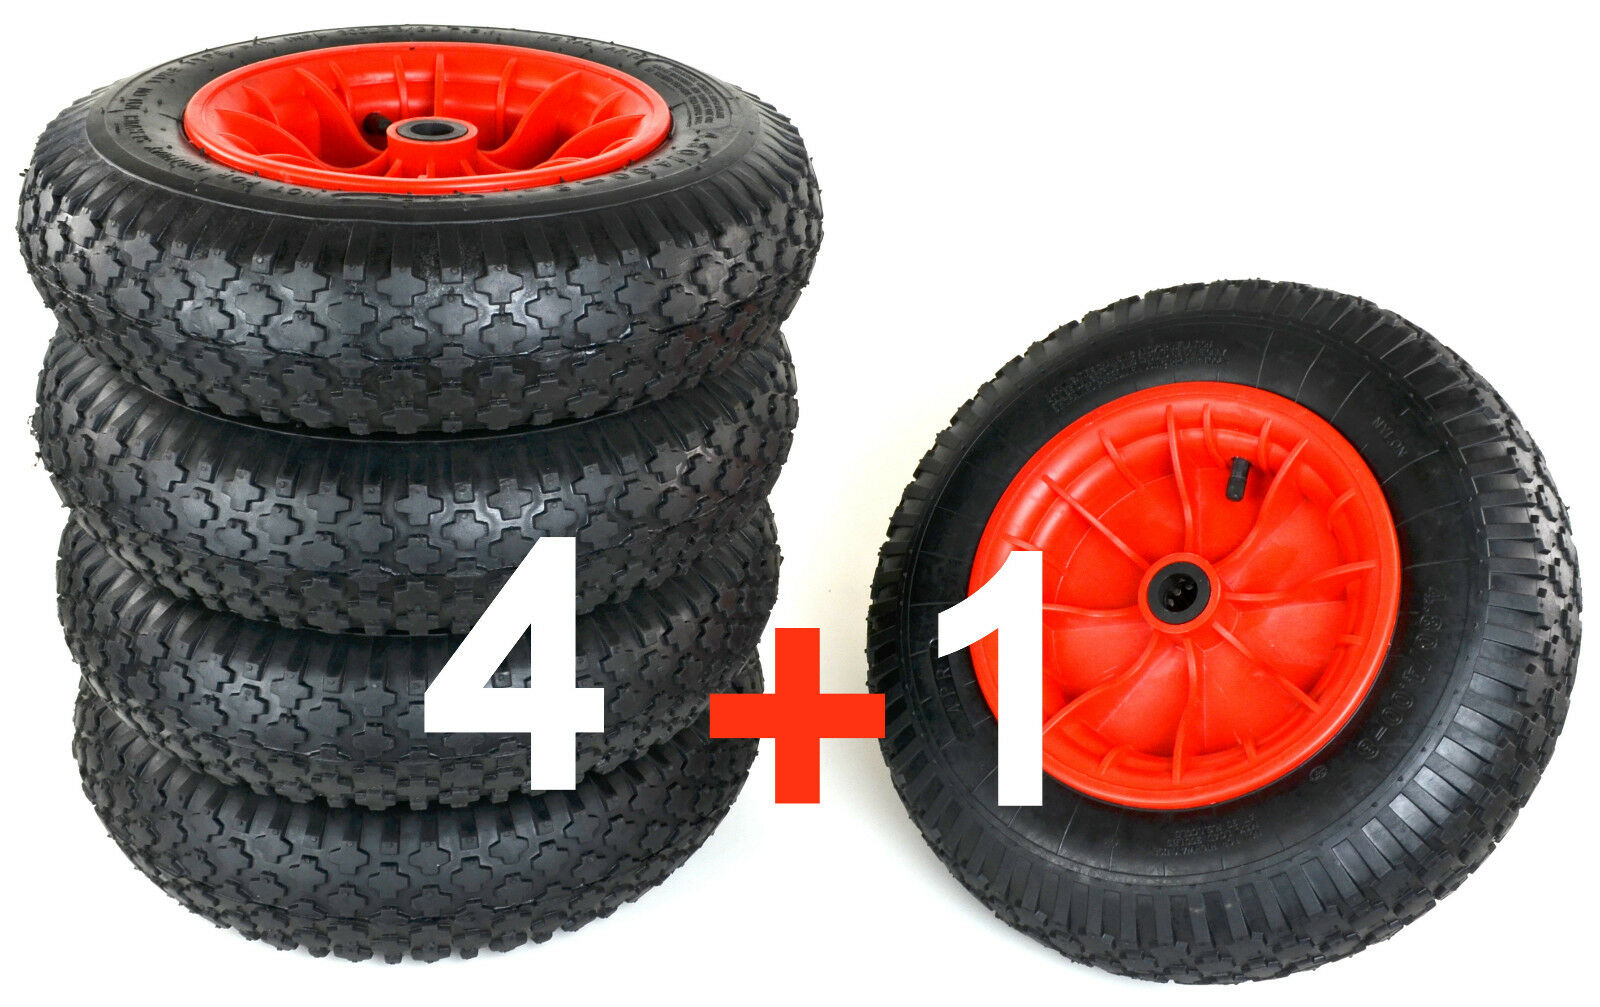 5 schubkarrenrad n7 rueda de repuesto 4.80 4.00-8 ruedas 400 Cocheretilla rueda Cochero para jardín